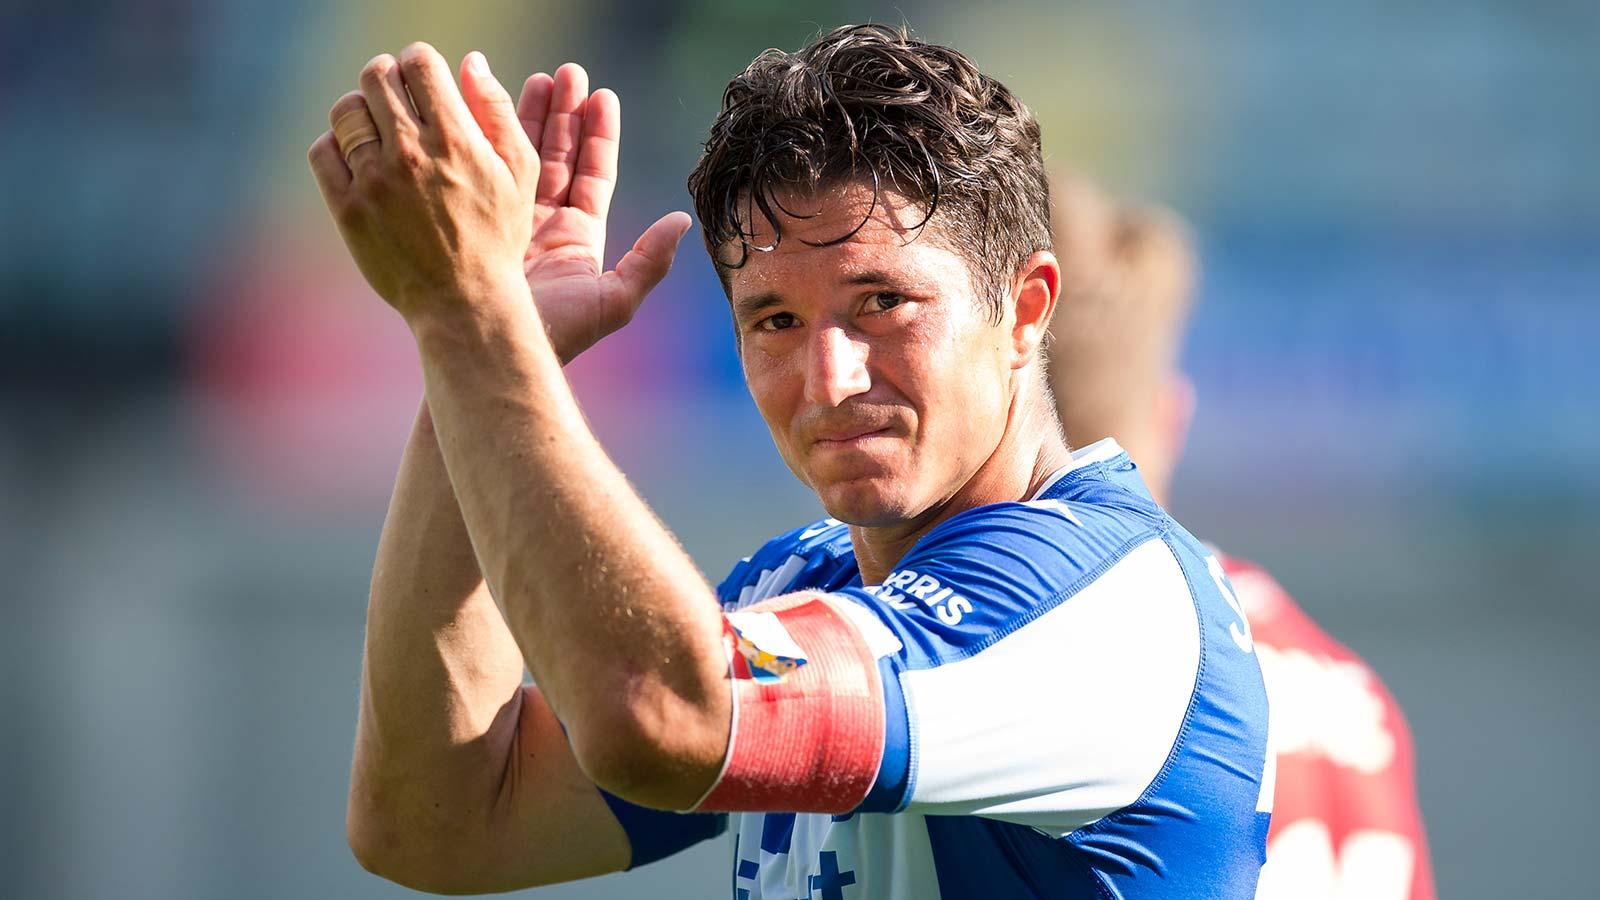 180728 IFK Göteborgs lagkapten David Boo Wiklander tackar publiken efter fotbollsmatchen i allsvenskan mellan IFK Göteborg och Brommapojkarna den 28 juli 2018 i Göteborg.